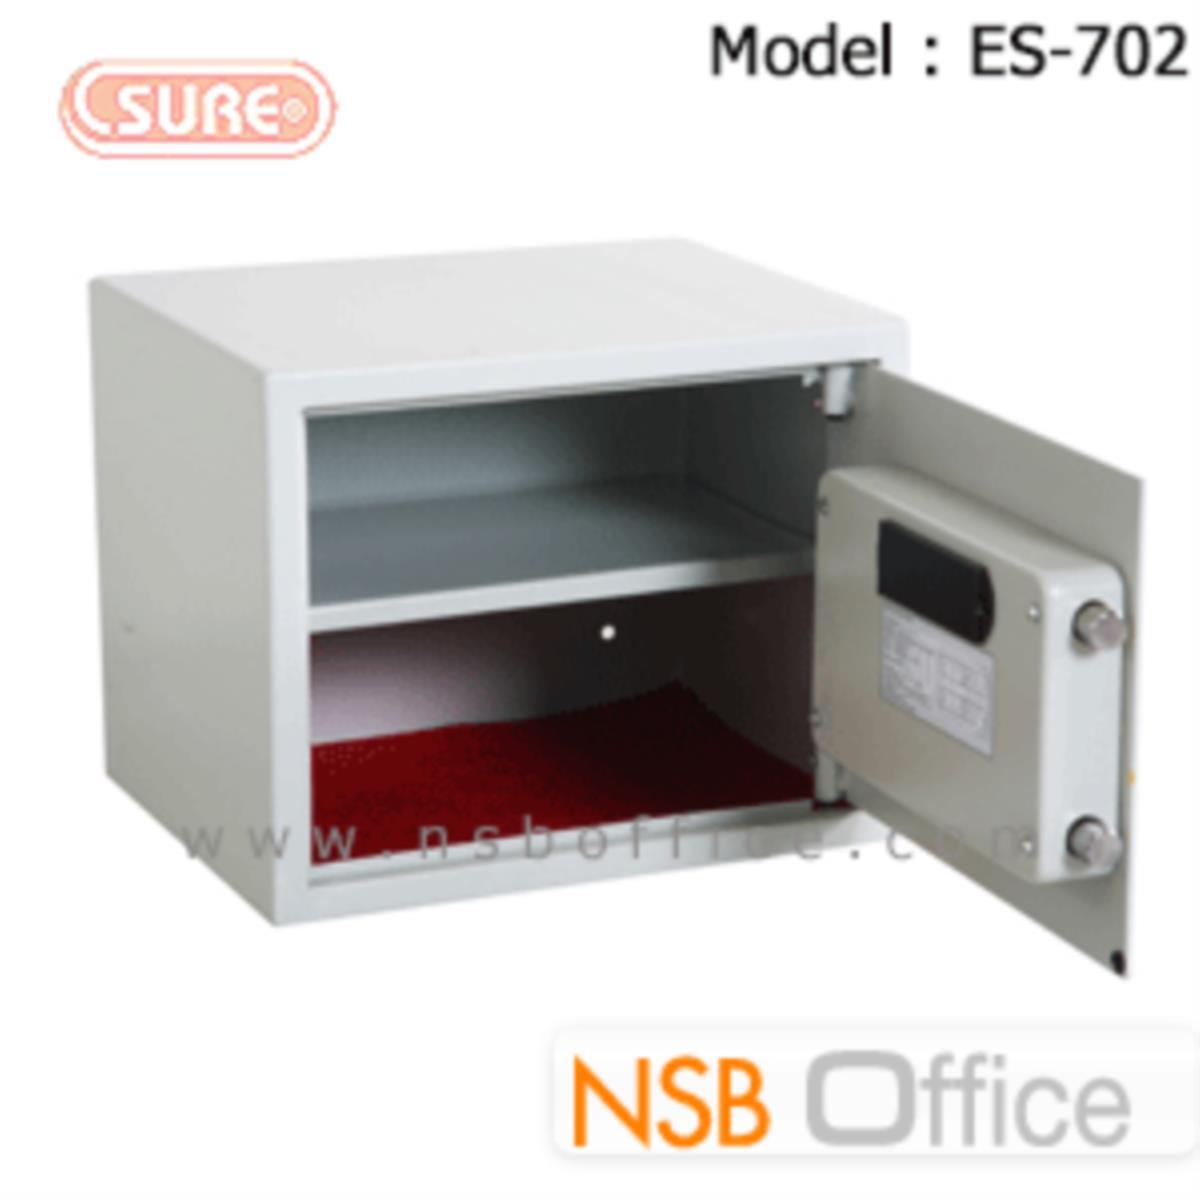 ตู้เซฟดิจิตอล 12.5 กก. SR-ES702 (1 รหัสกด / 1 ปุ่มหมุนบิด) ขนาด 38W*30D*31H cm.